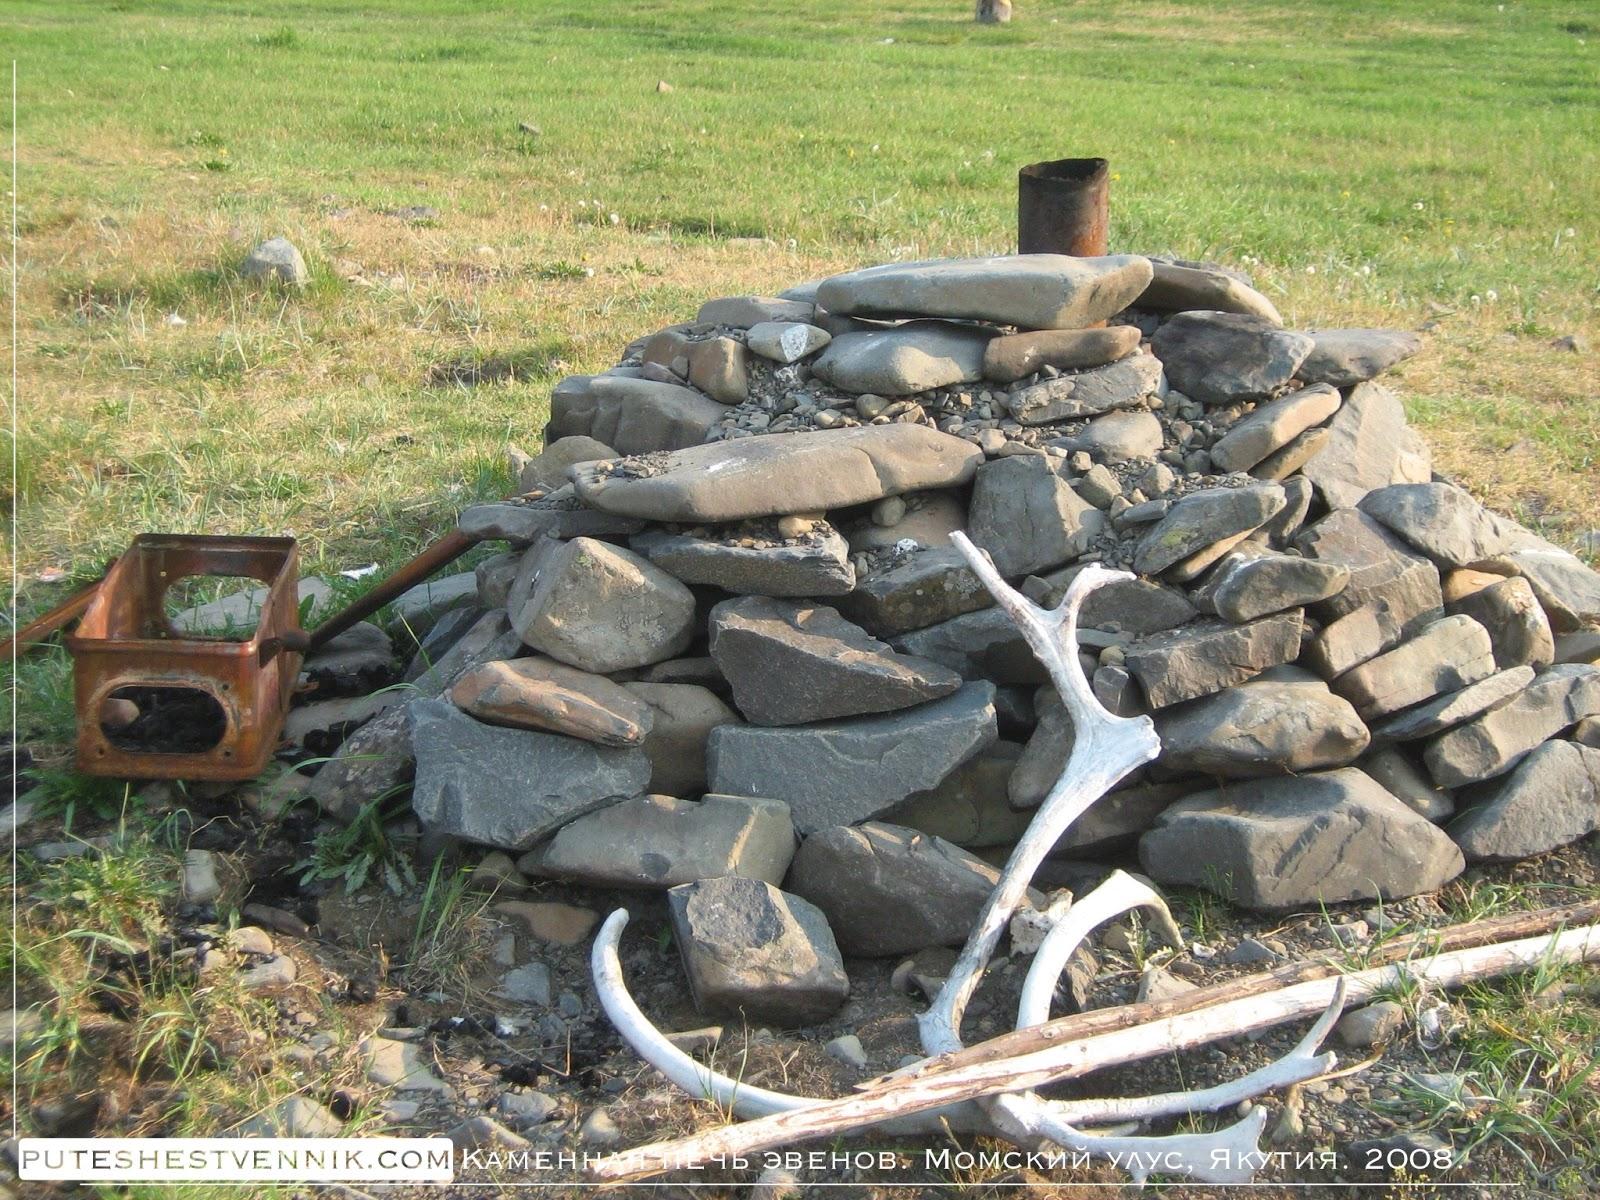 Каменная печь эвенов с обратной стороны